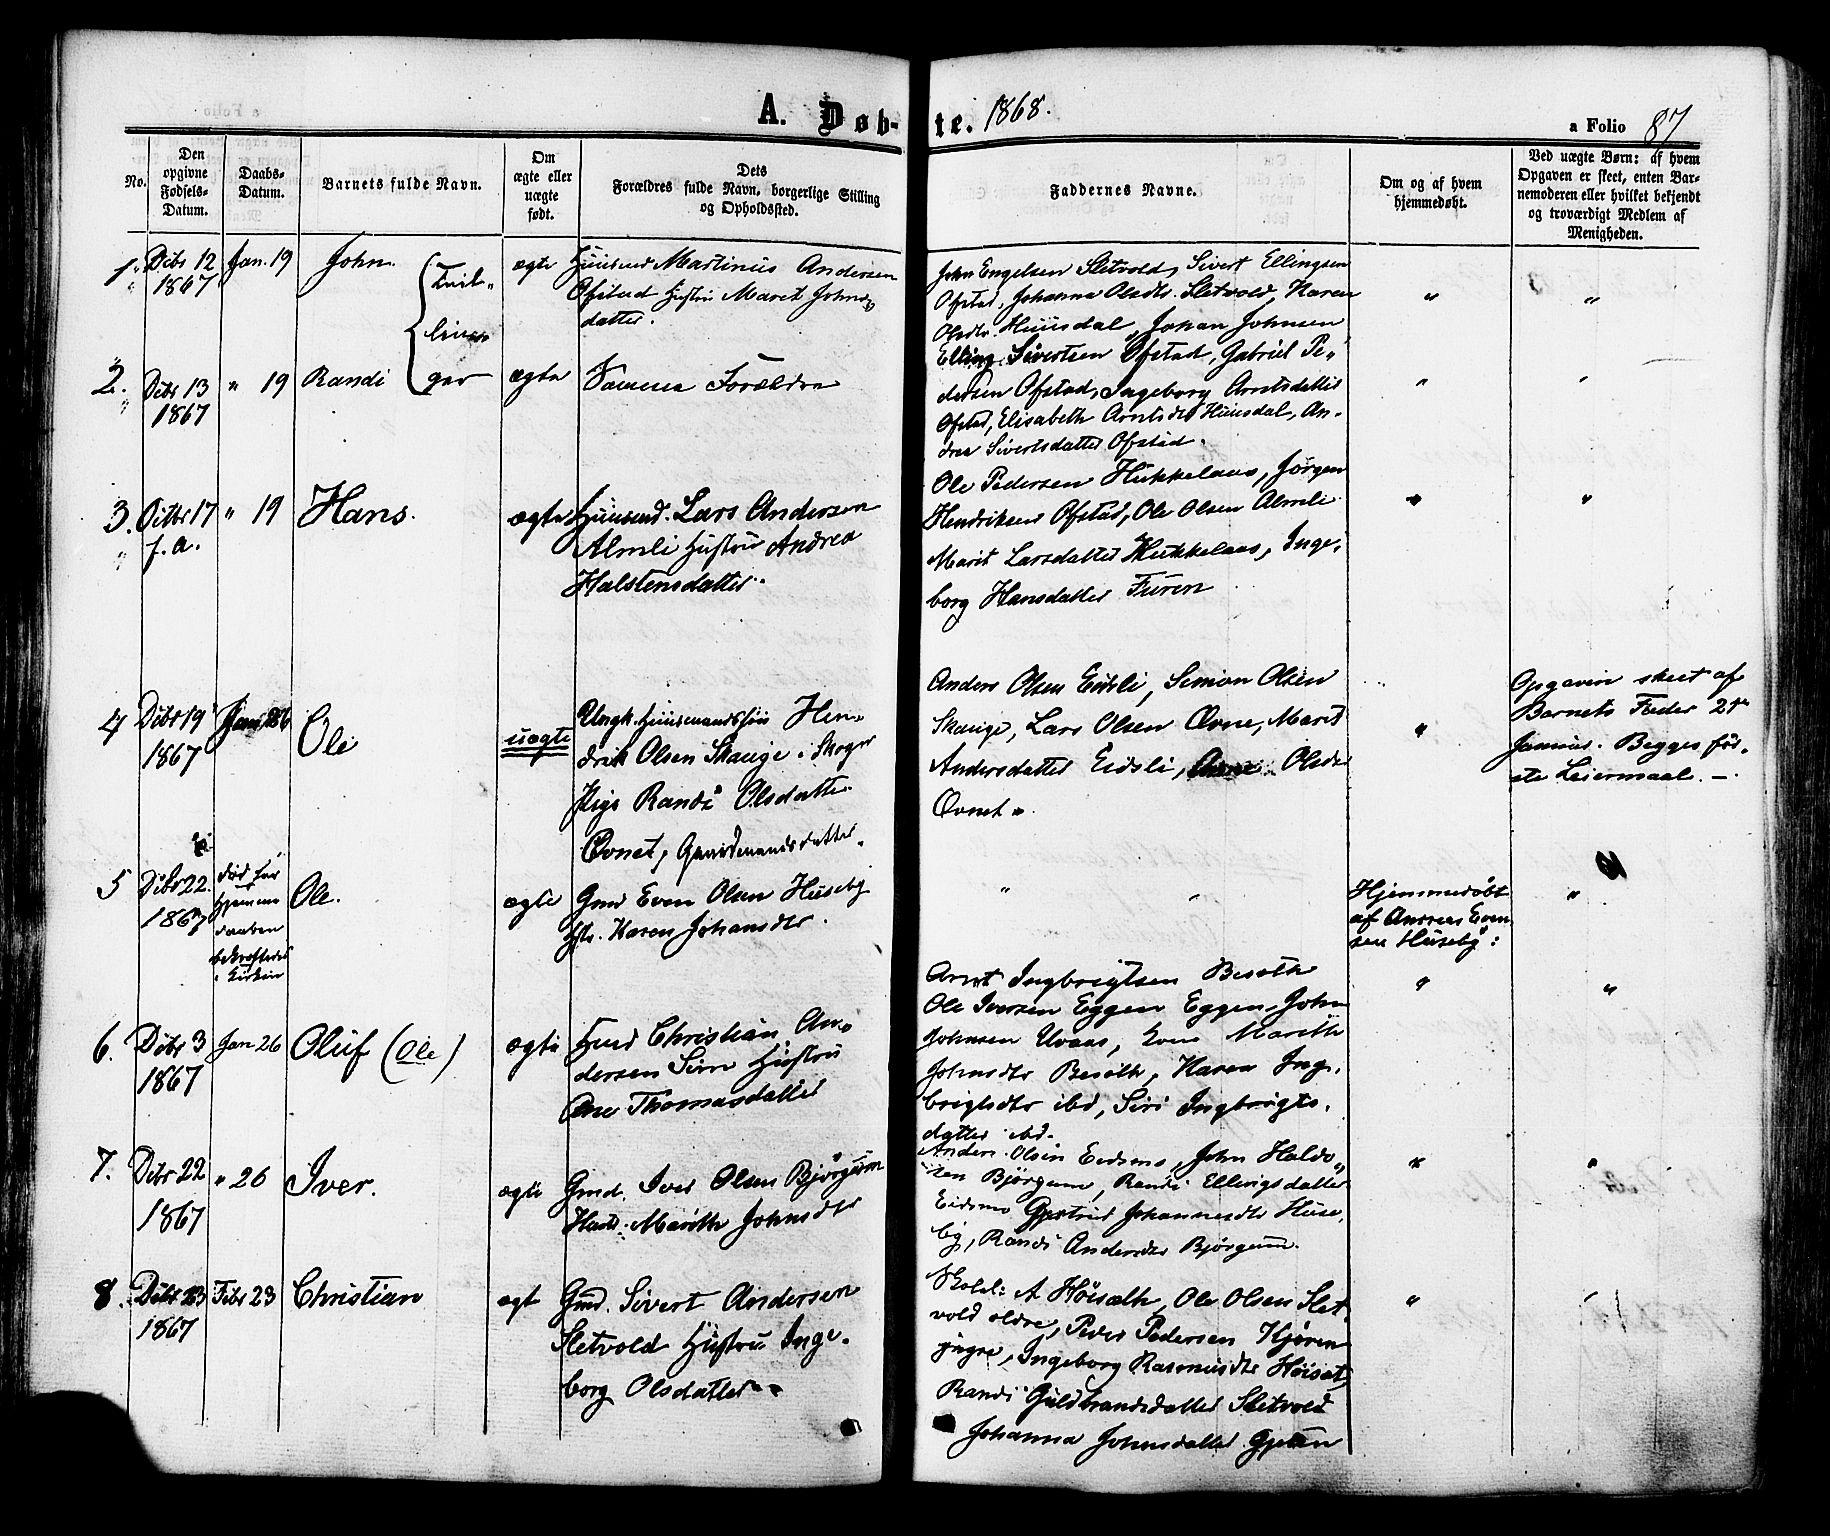 SAT, Ministerialprotokoller, klokkerbøker og fødselsregistre - Sør-Trøndelag, 665/L0772: Ministerialbok nr. 665A07, 1856-1878, s. 87